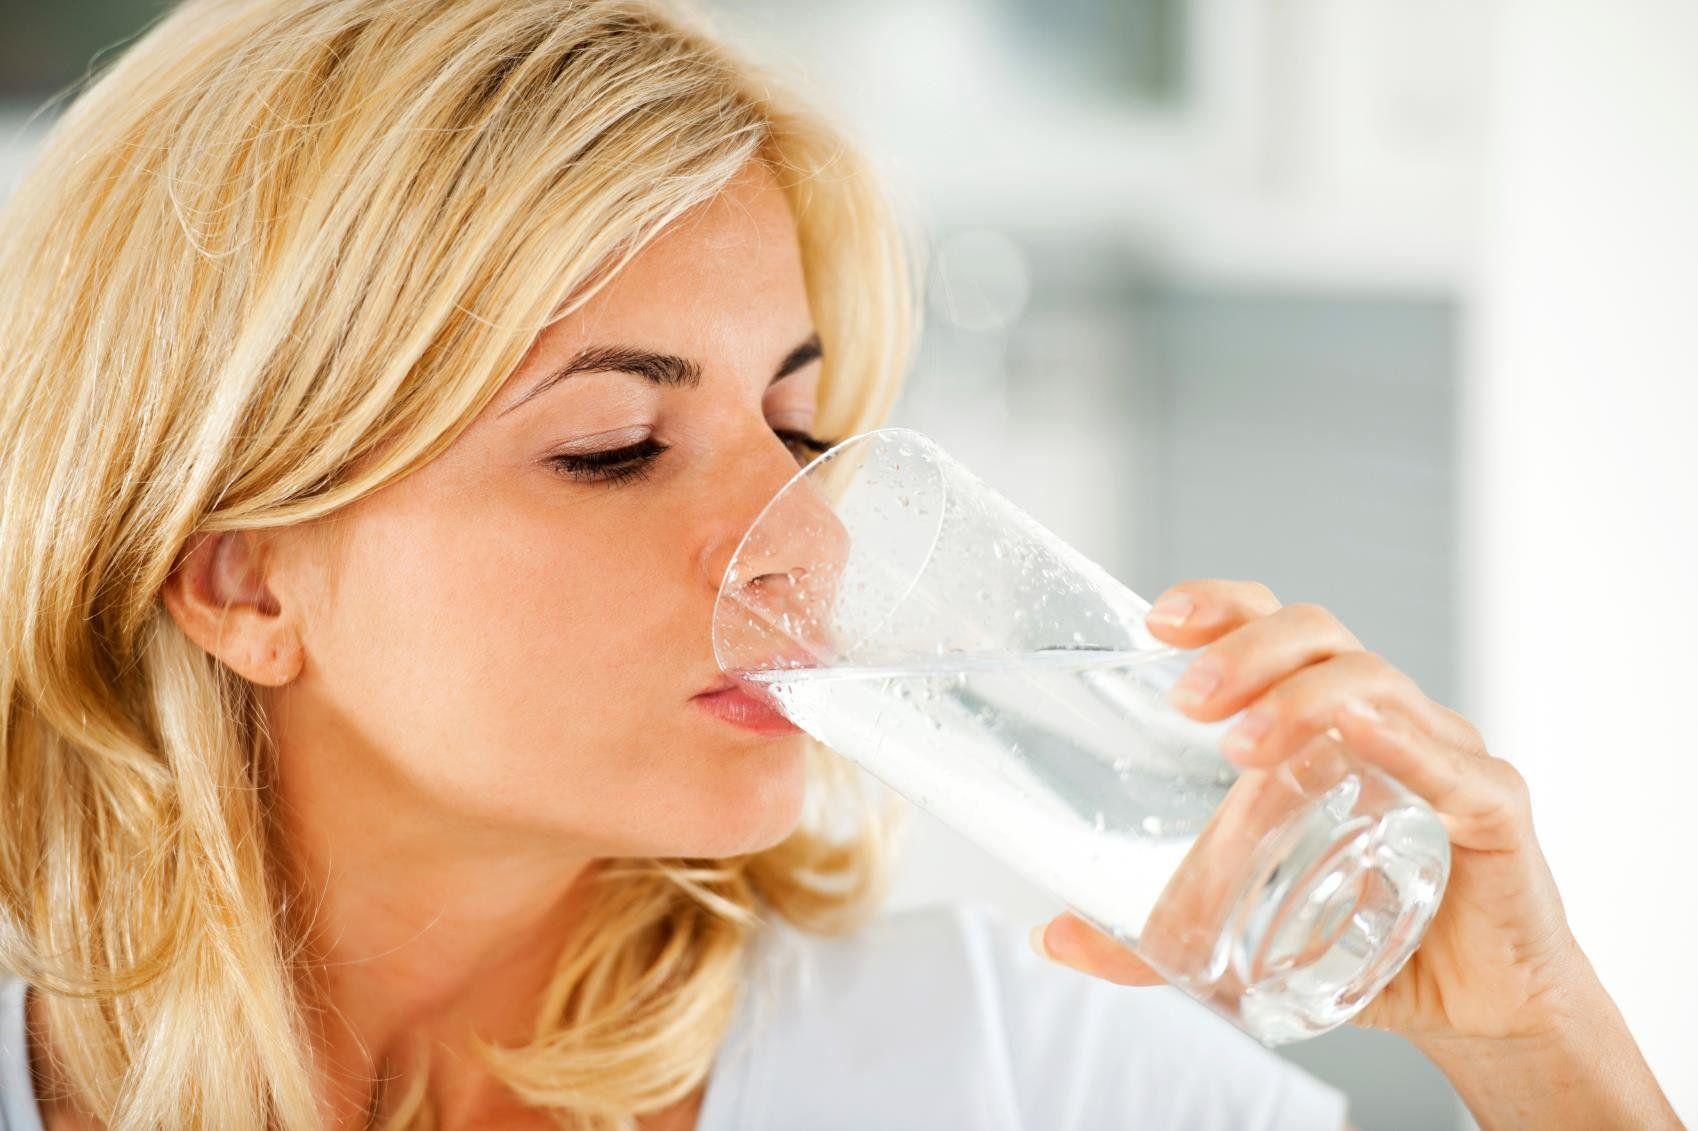 Лучшая щелочная минеральная вода в 2021 году